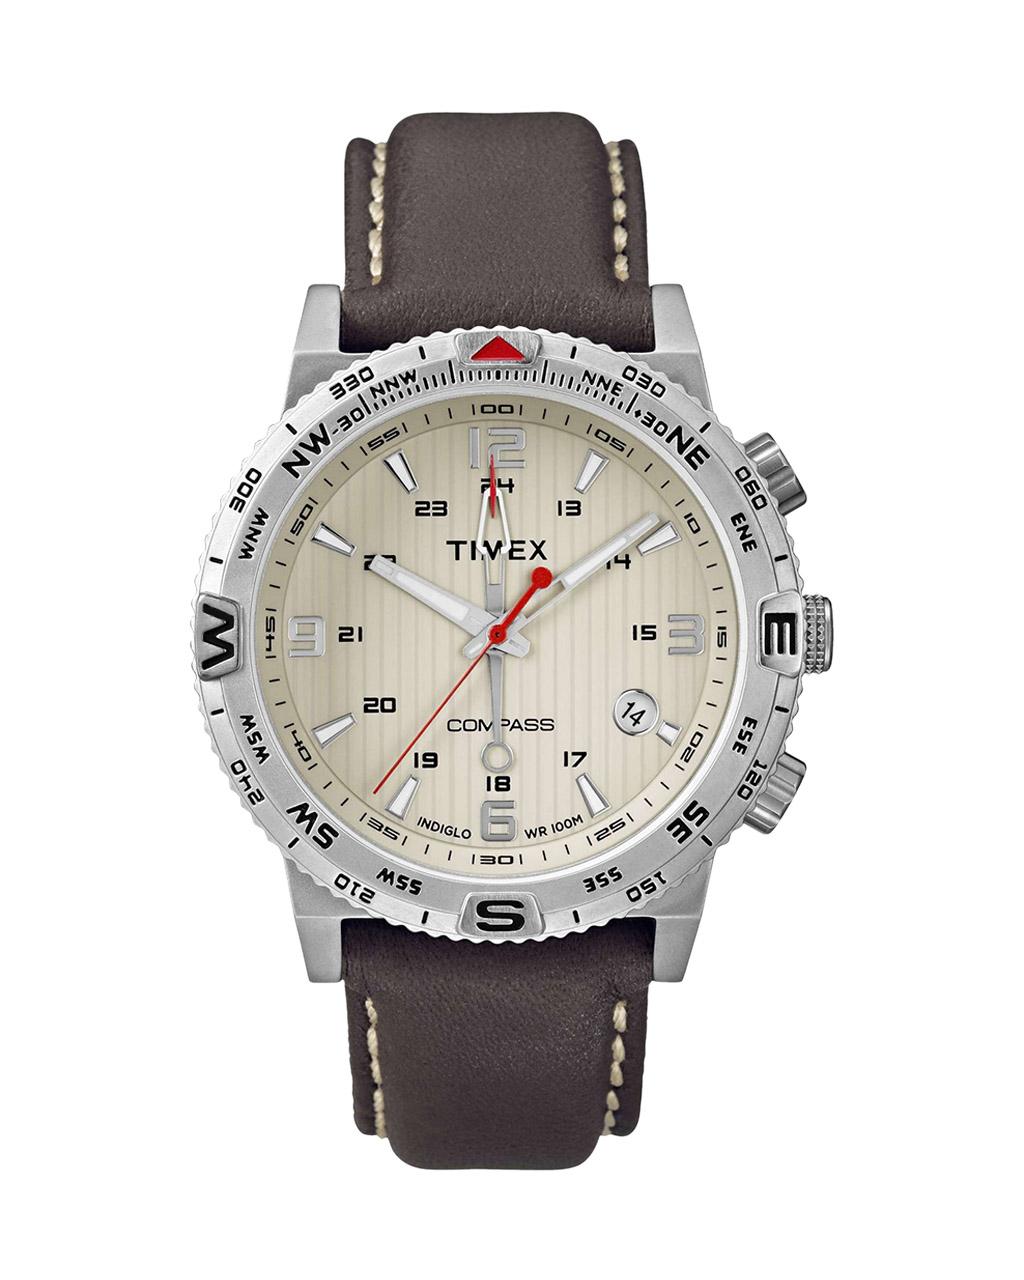 Ρολόι Timex Intelligent Quartz Compass T2P287   προσφορεσ ρολόγια ρολόγια από 100 έως 300ε